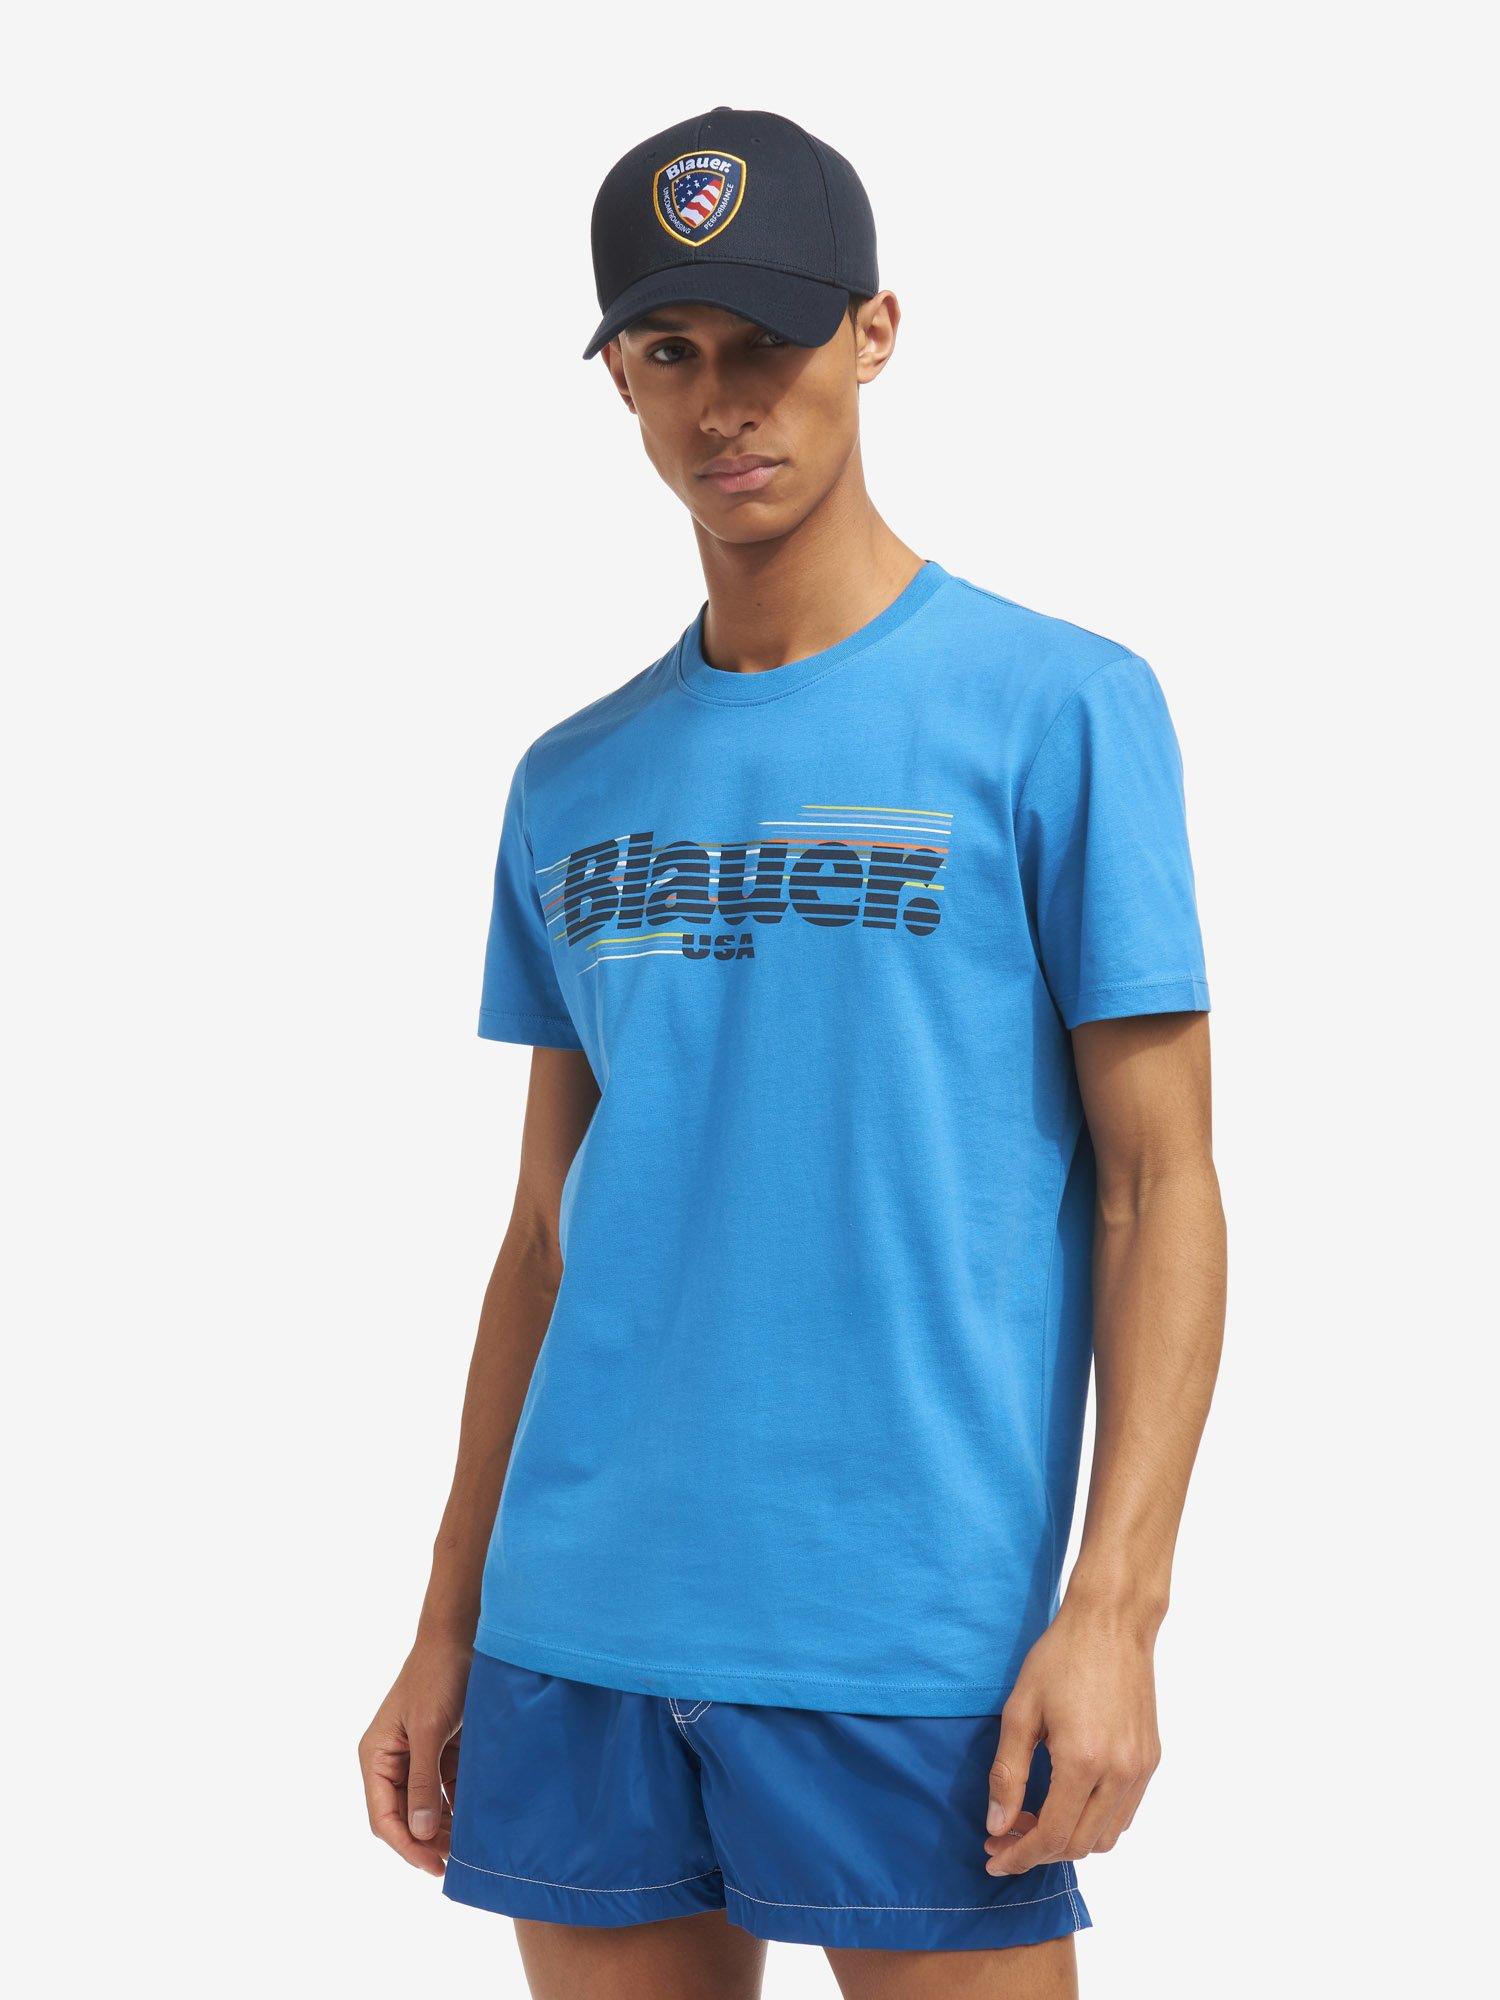 Blauer - GESTREIFTES T-SHIRT BLAUER - Light Sapphire Blue - Blauer